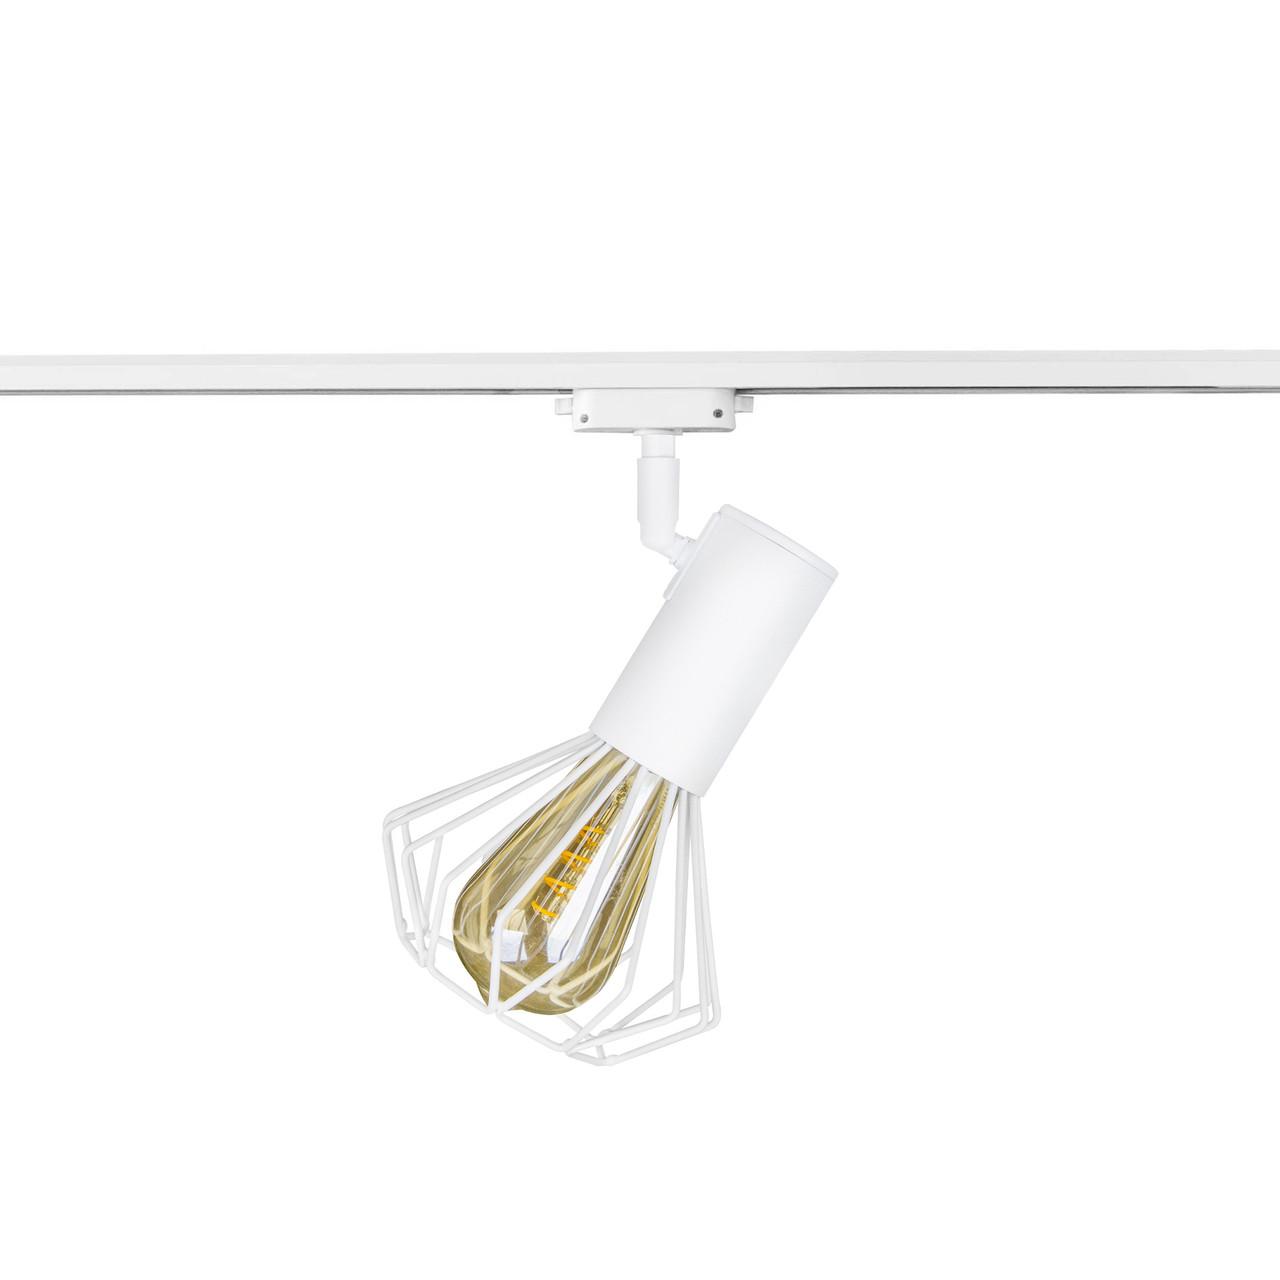 Світильник трековий MSK Electric Diadem в стилі лофт NT 22151-1 WH